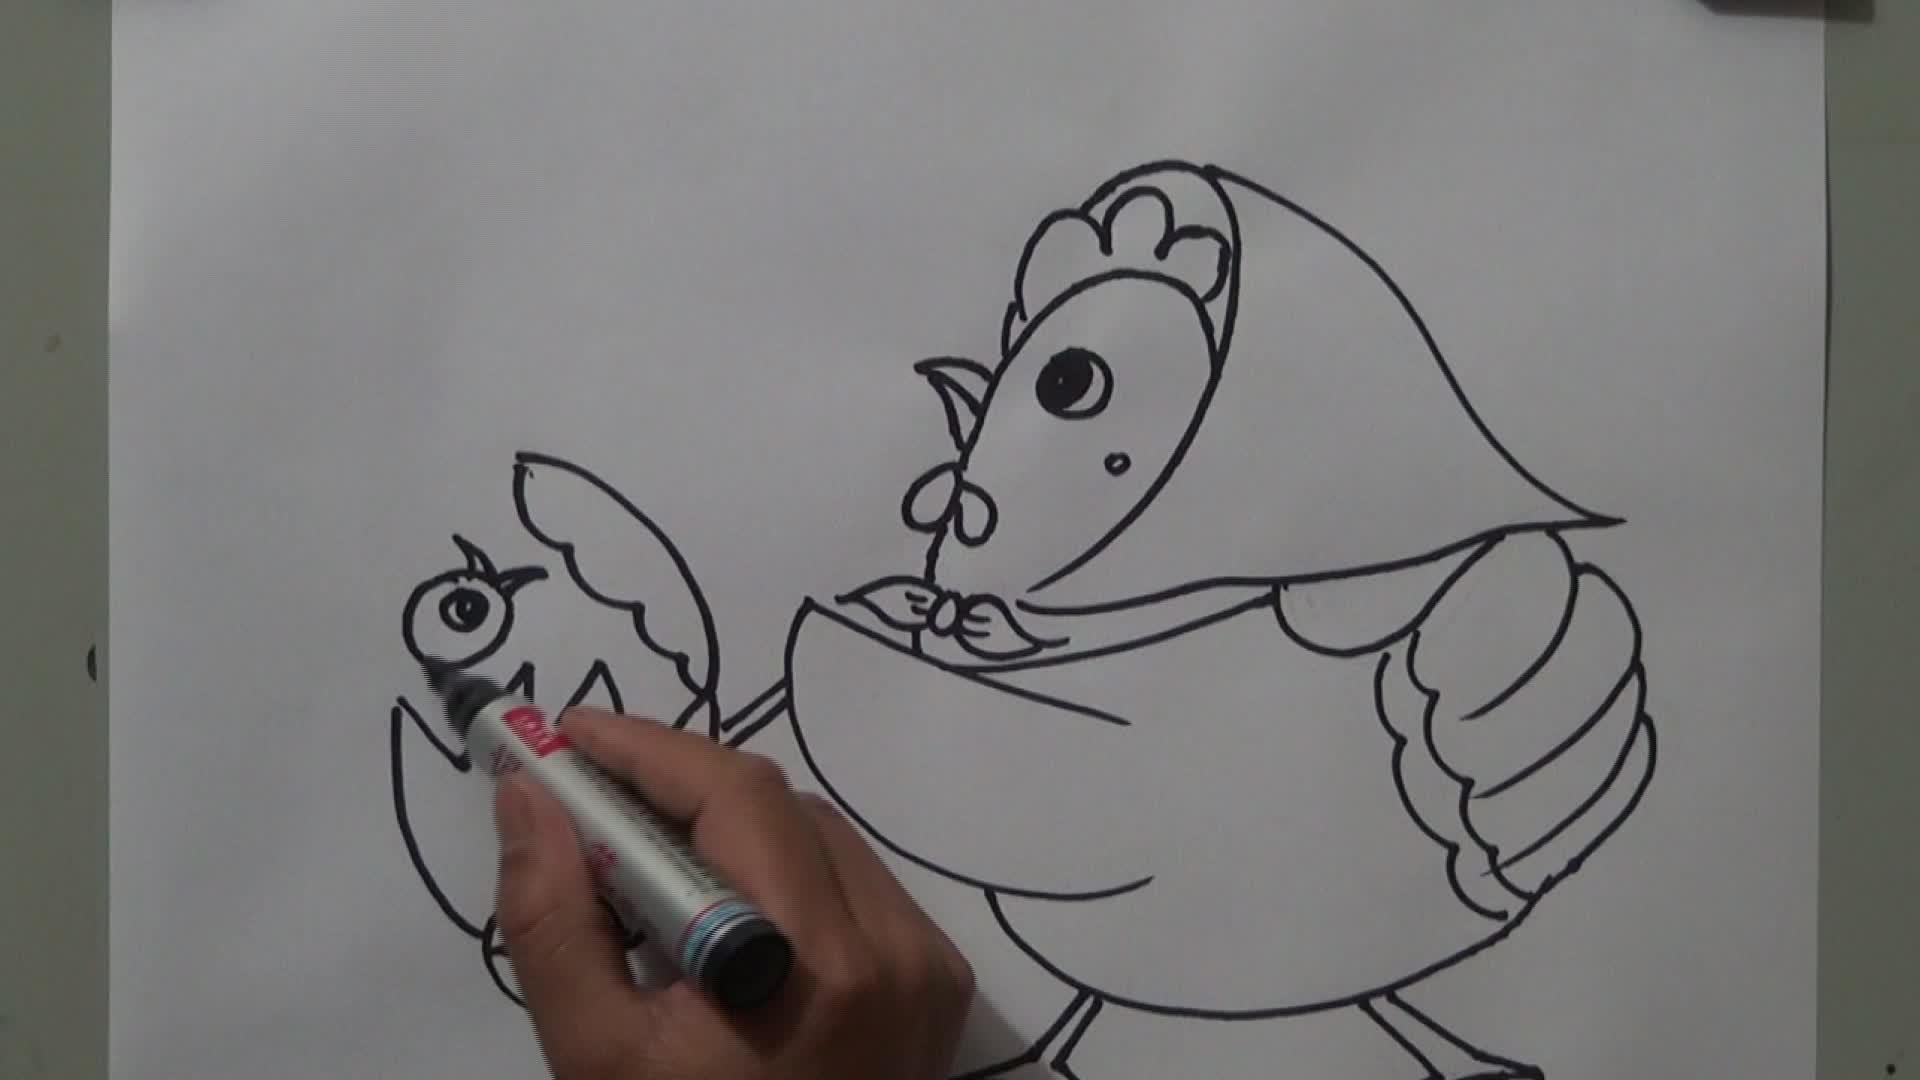 月亮姐姐简笔画鸡的画法